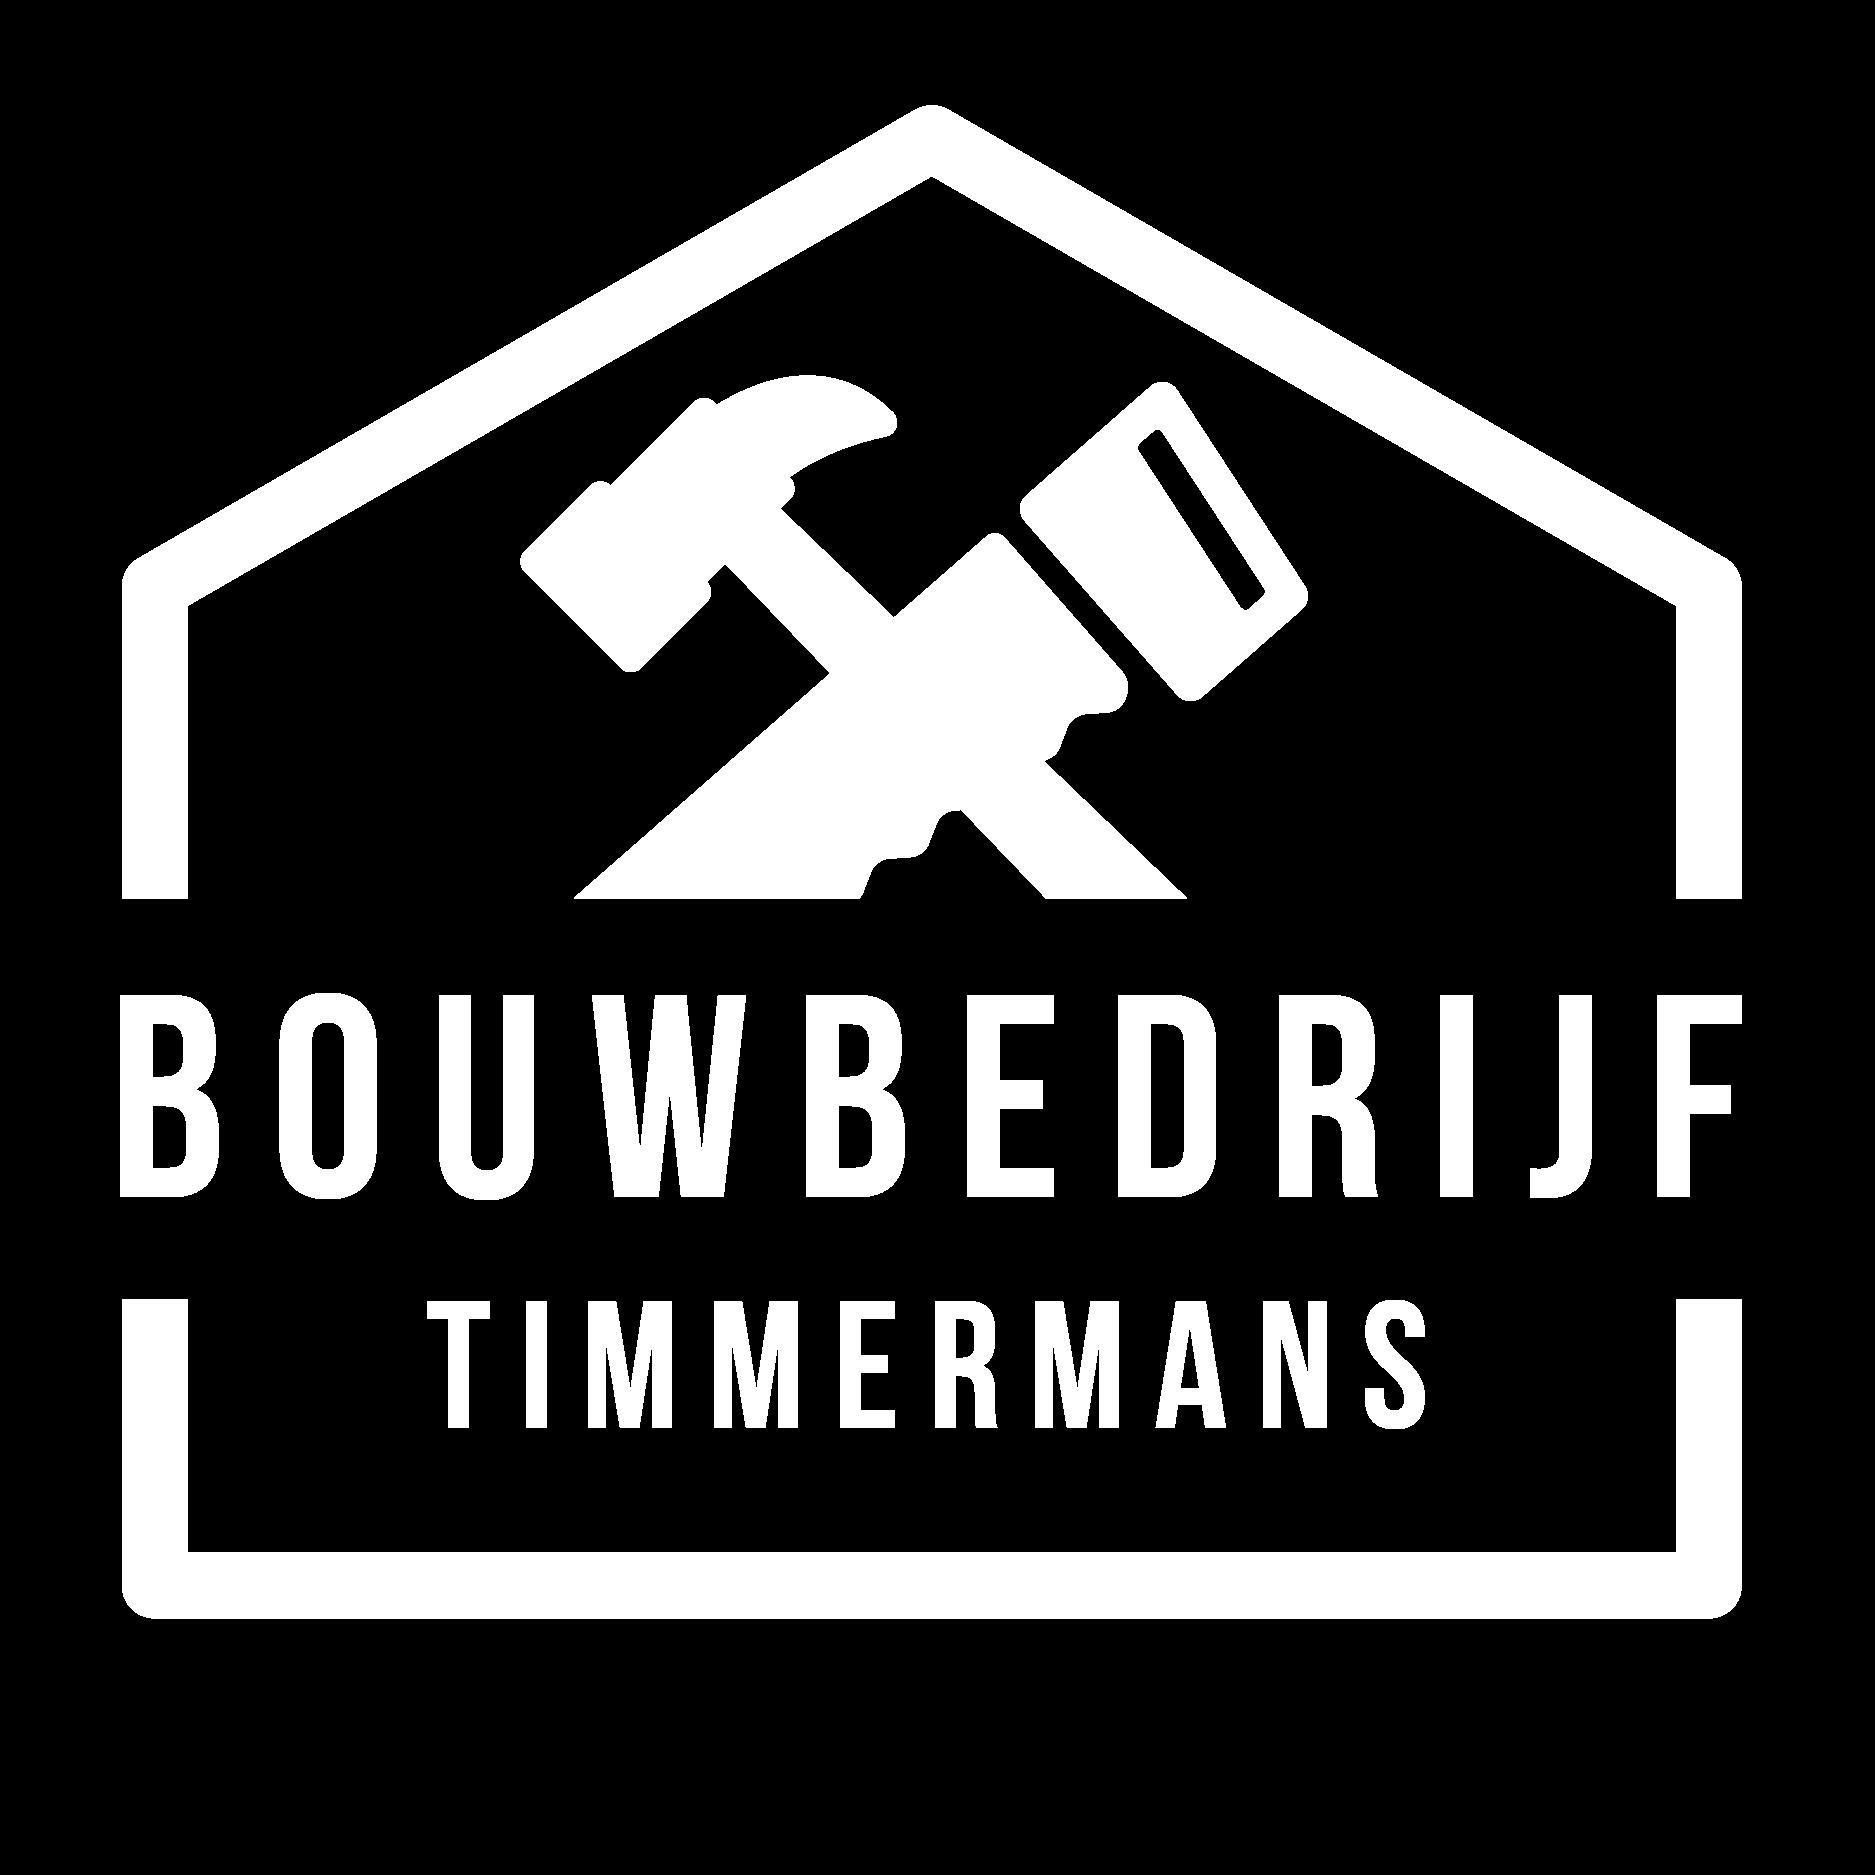 Bouwbedrijf Timmermans